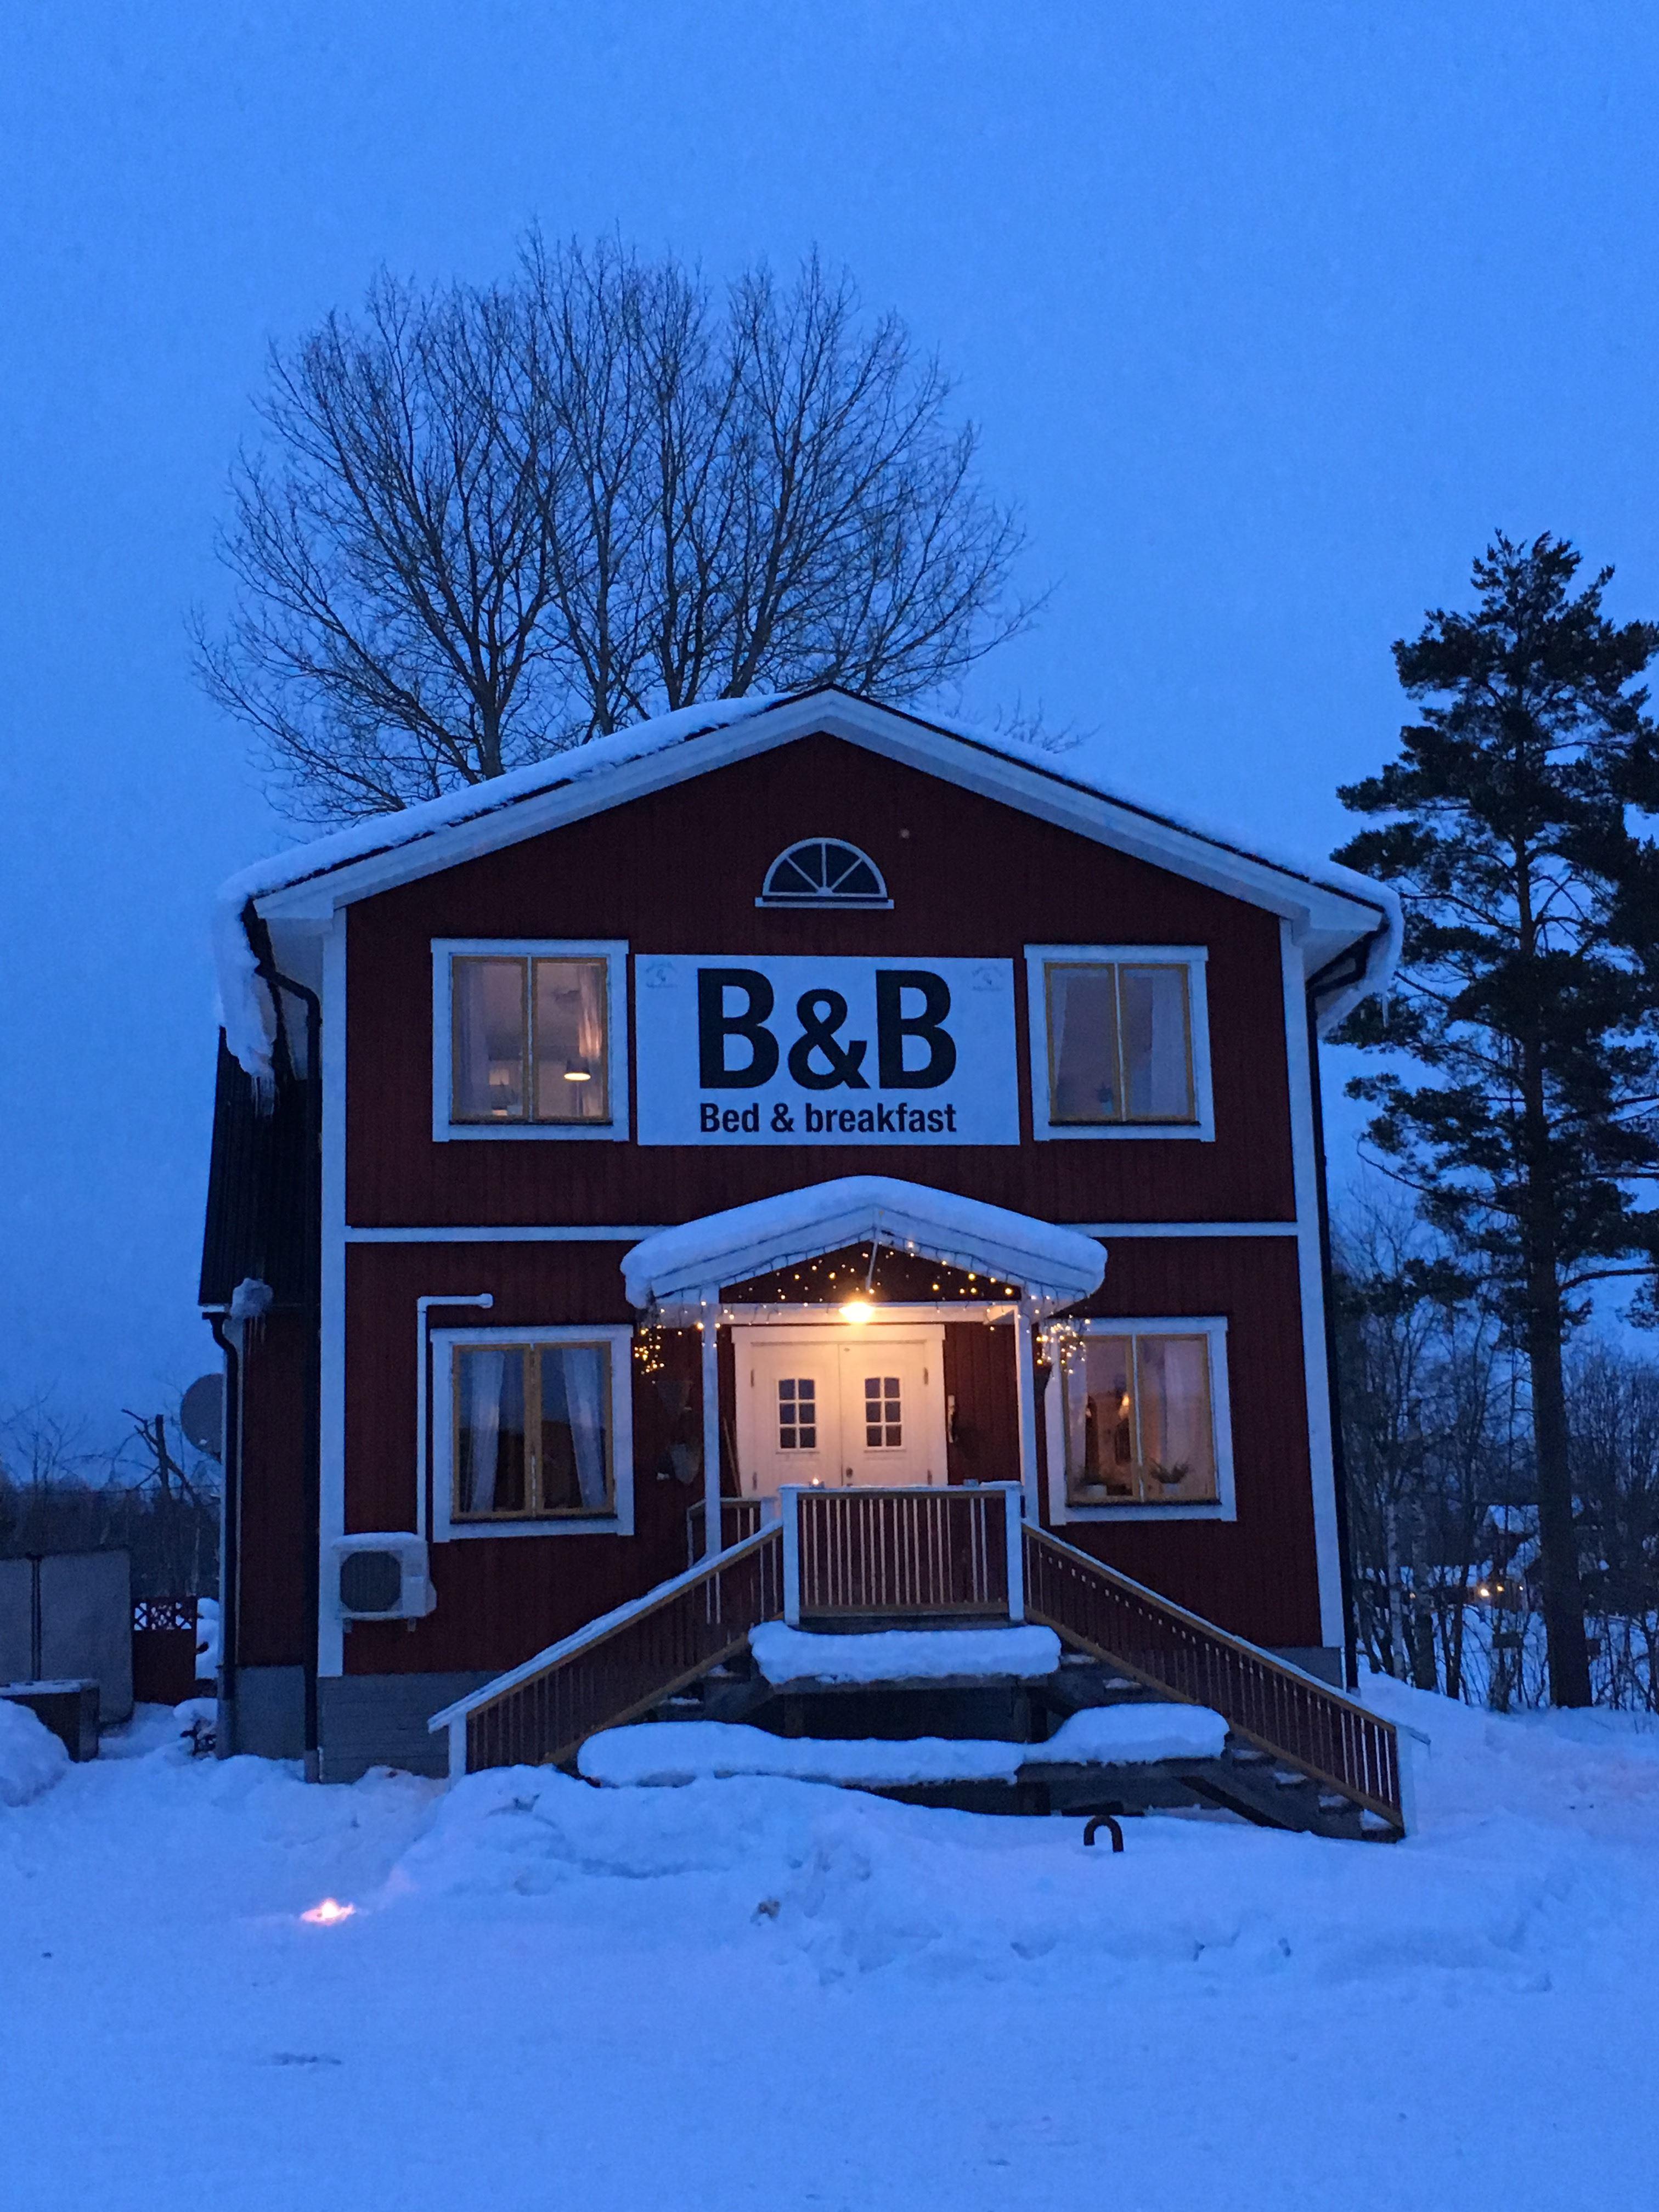 Slätterne Gård B&B